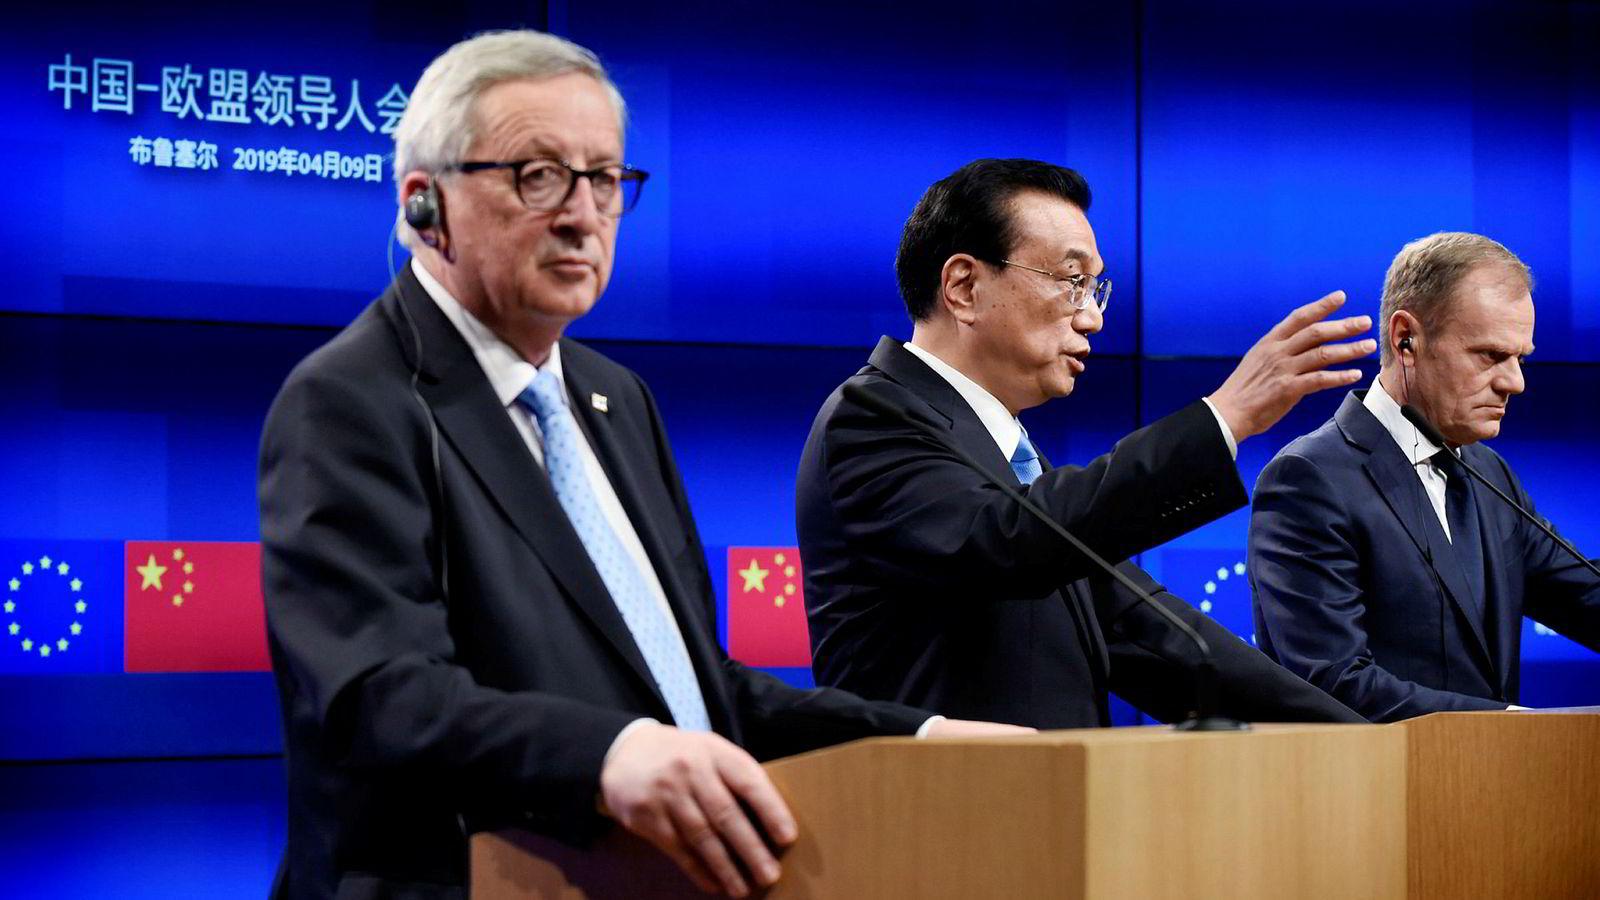 EU-forhandlere la sjeldent press på Kina før toppmøtet denne uken. Kina forplikter seg til reformer for å åpne egne markeder med avtalte tidsfrister. Kinas statsminister Li Keqiang sammen med Europakommisjonens president Jean-Claude Juncker og EU-president Donald Tusk under toppmøtet.